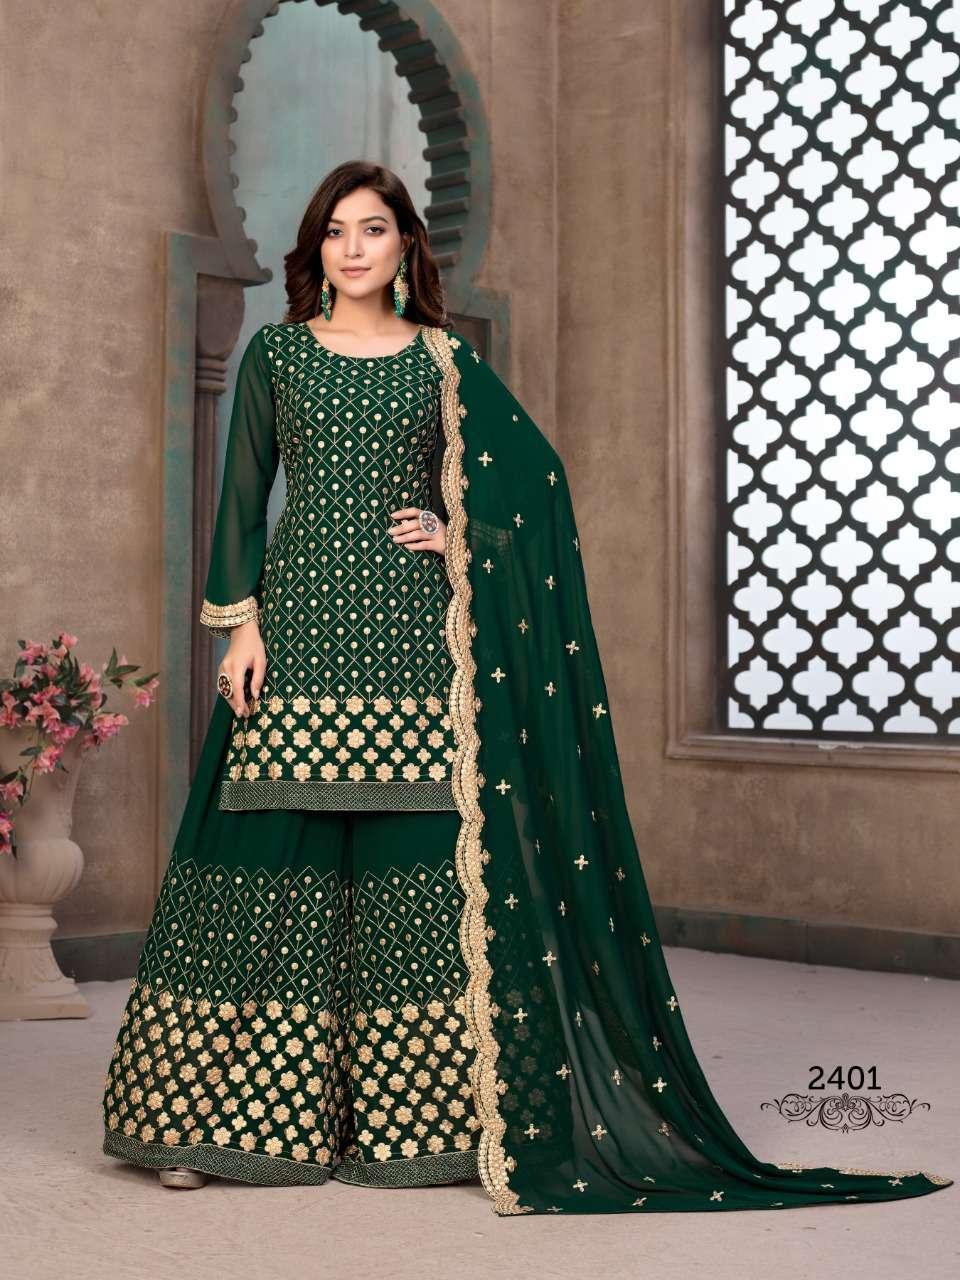 Aanaya Vol 124 2400 Series Party Wear Dresses